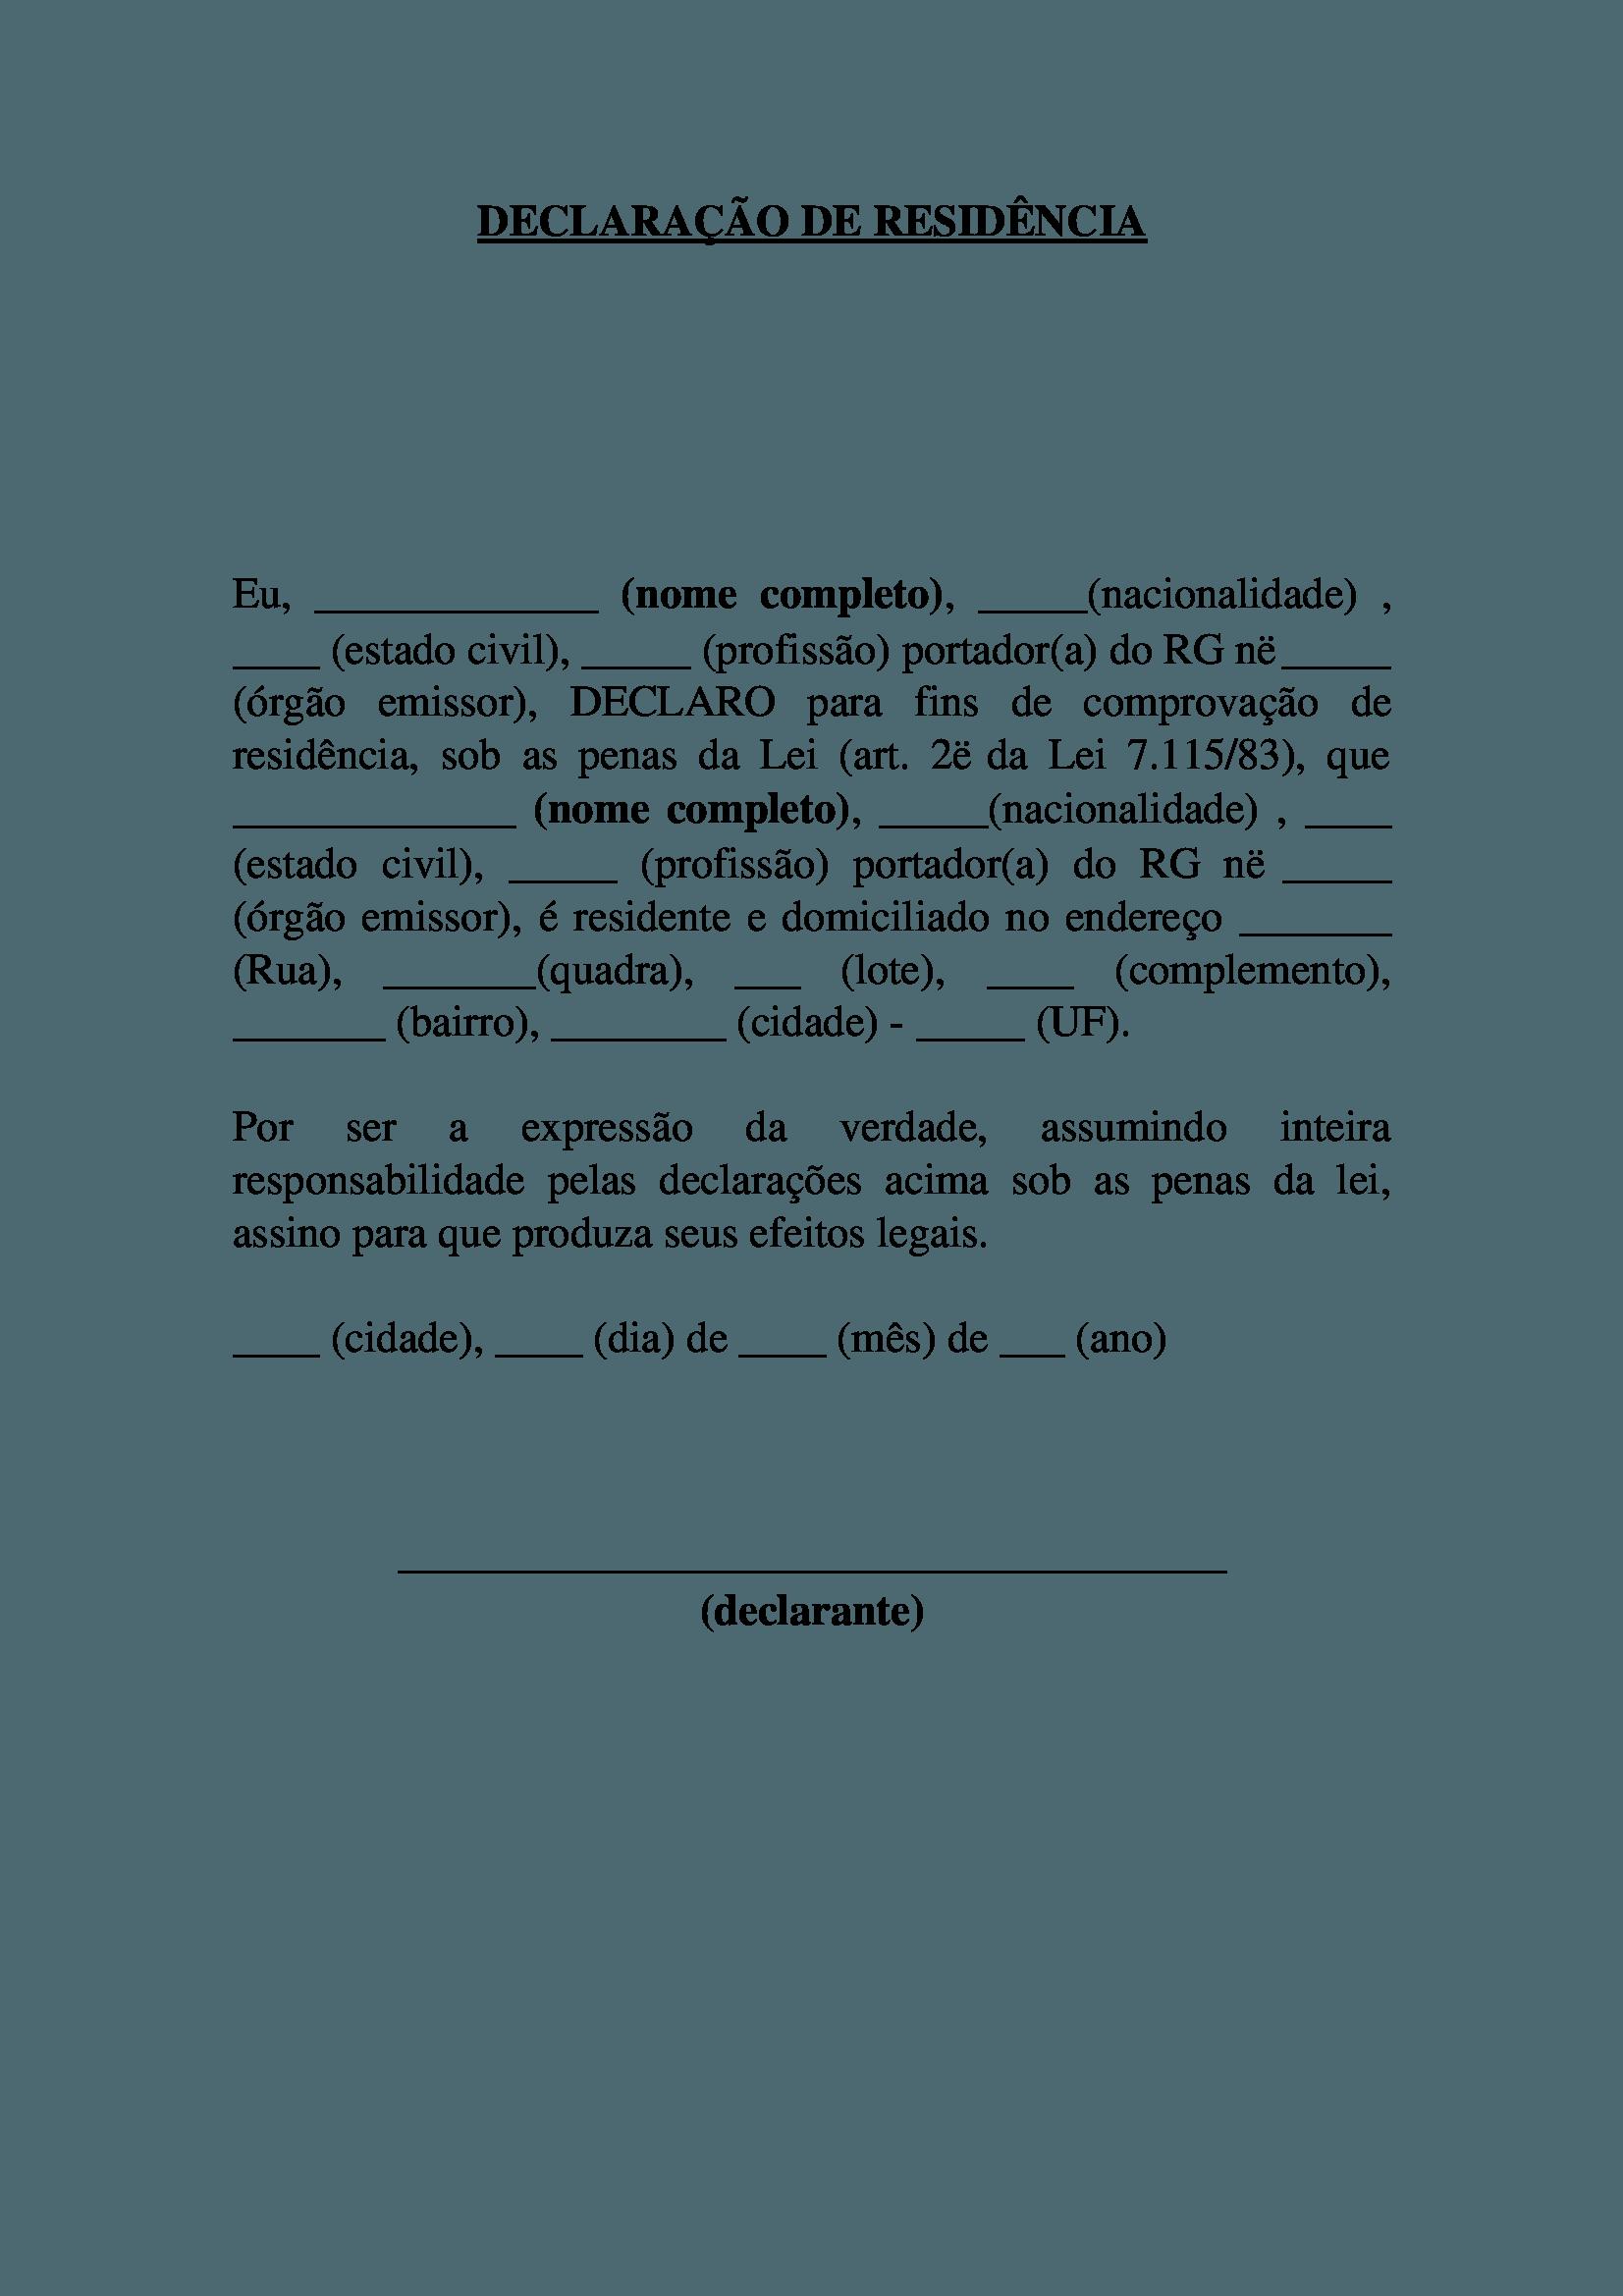 modelo declaração de residência 1